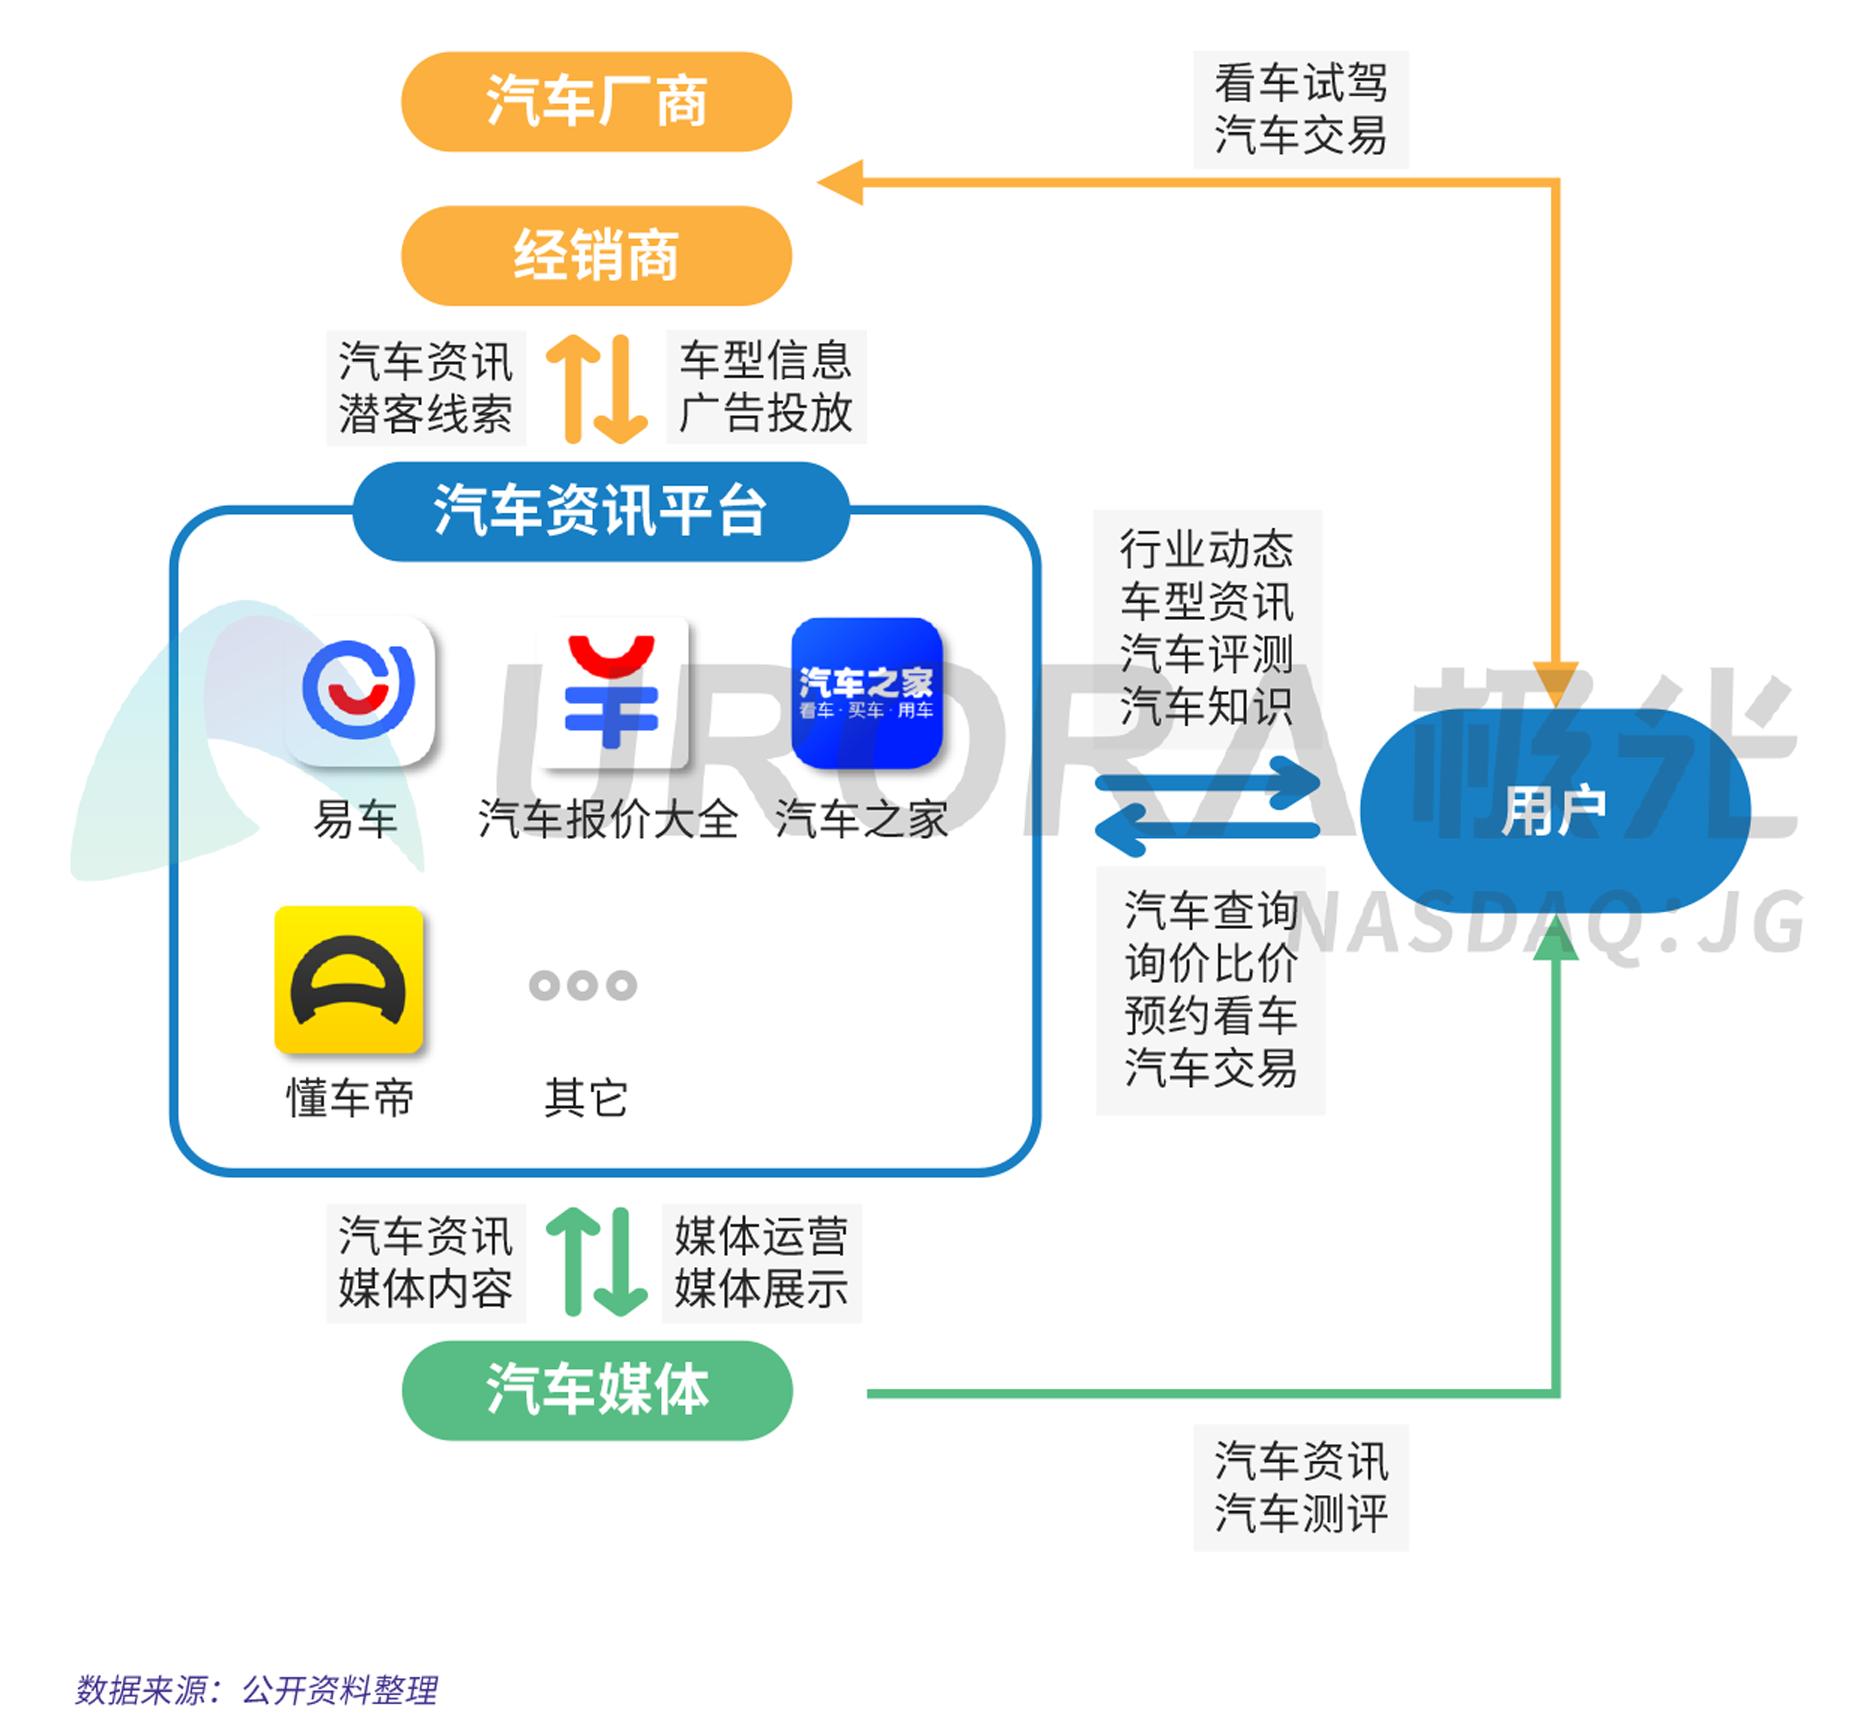 2019汽车资讯行业研究报告--审核版-6.png